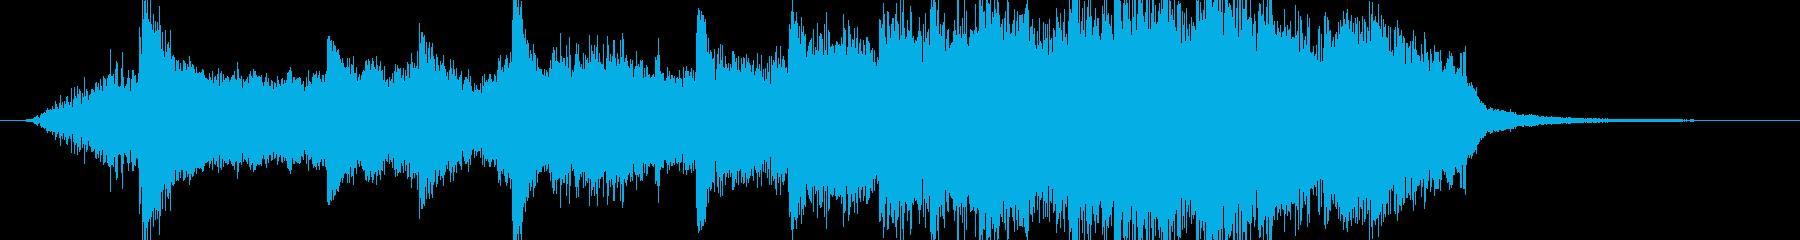 プログレッシブ 交響曲 荘厳 エピ...の再生済みの波形